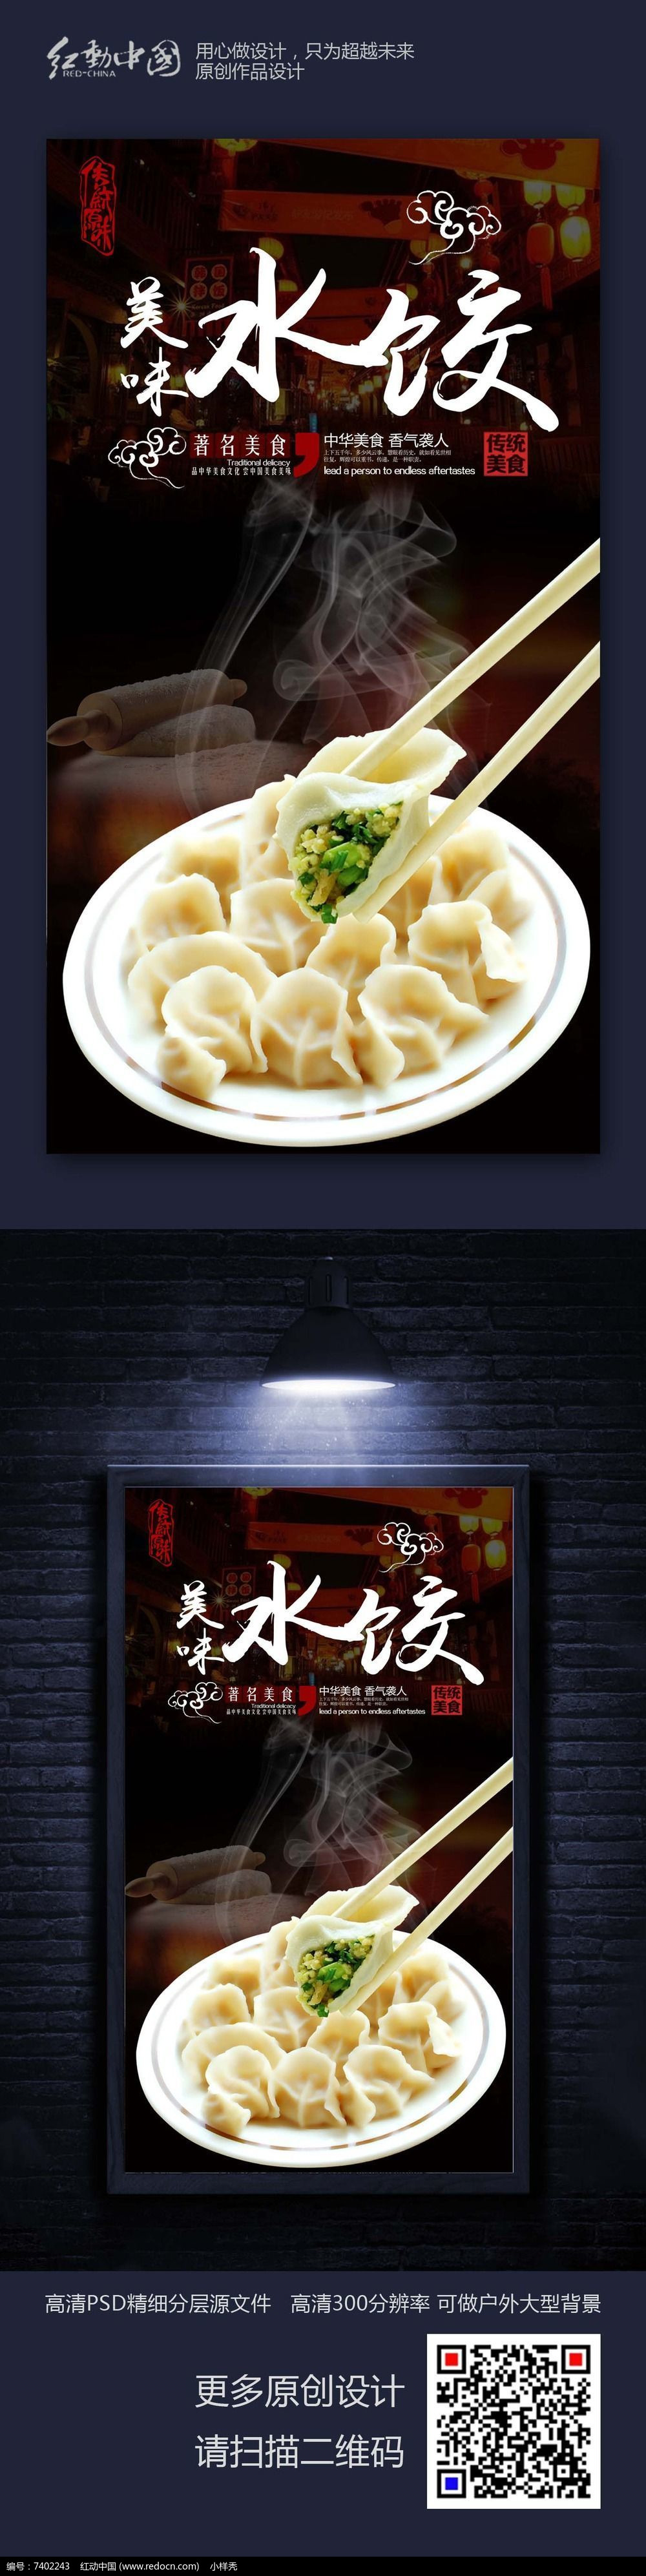 美味水饺美食餐饮宣传海报设计图片